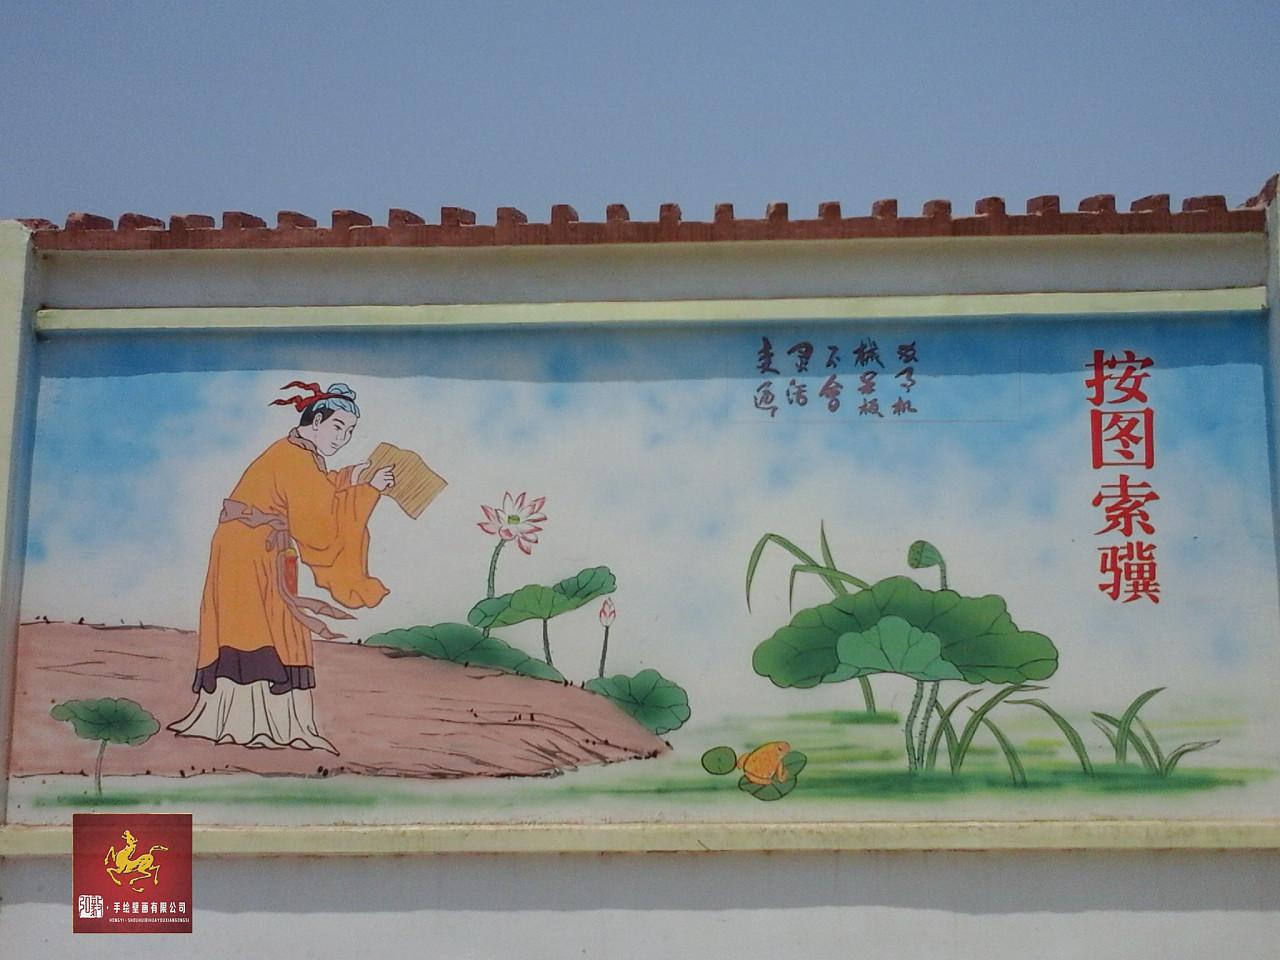 手绘壁画作品《弘色文明》